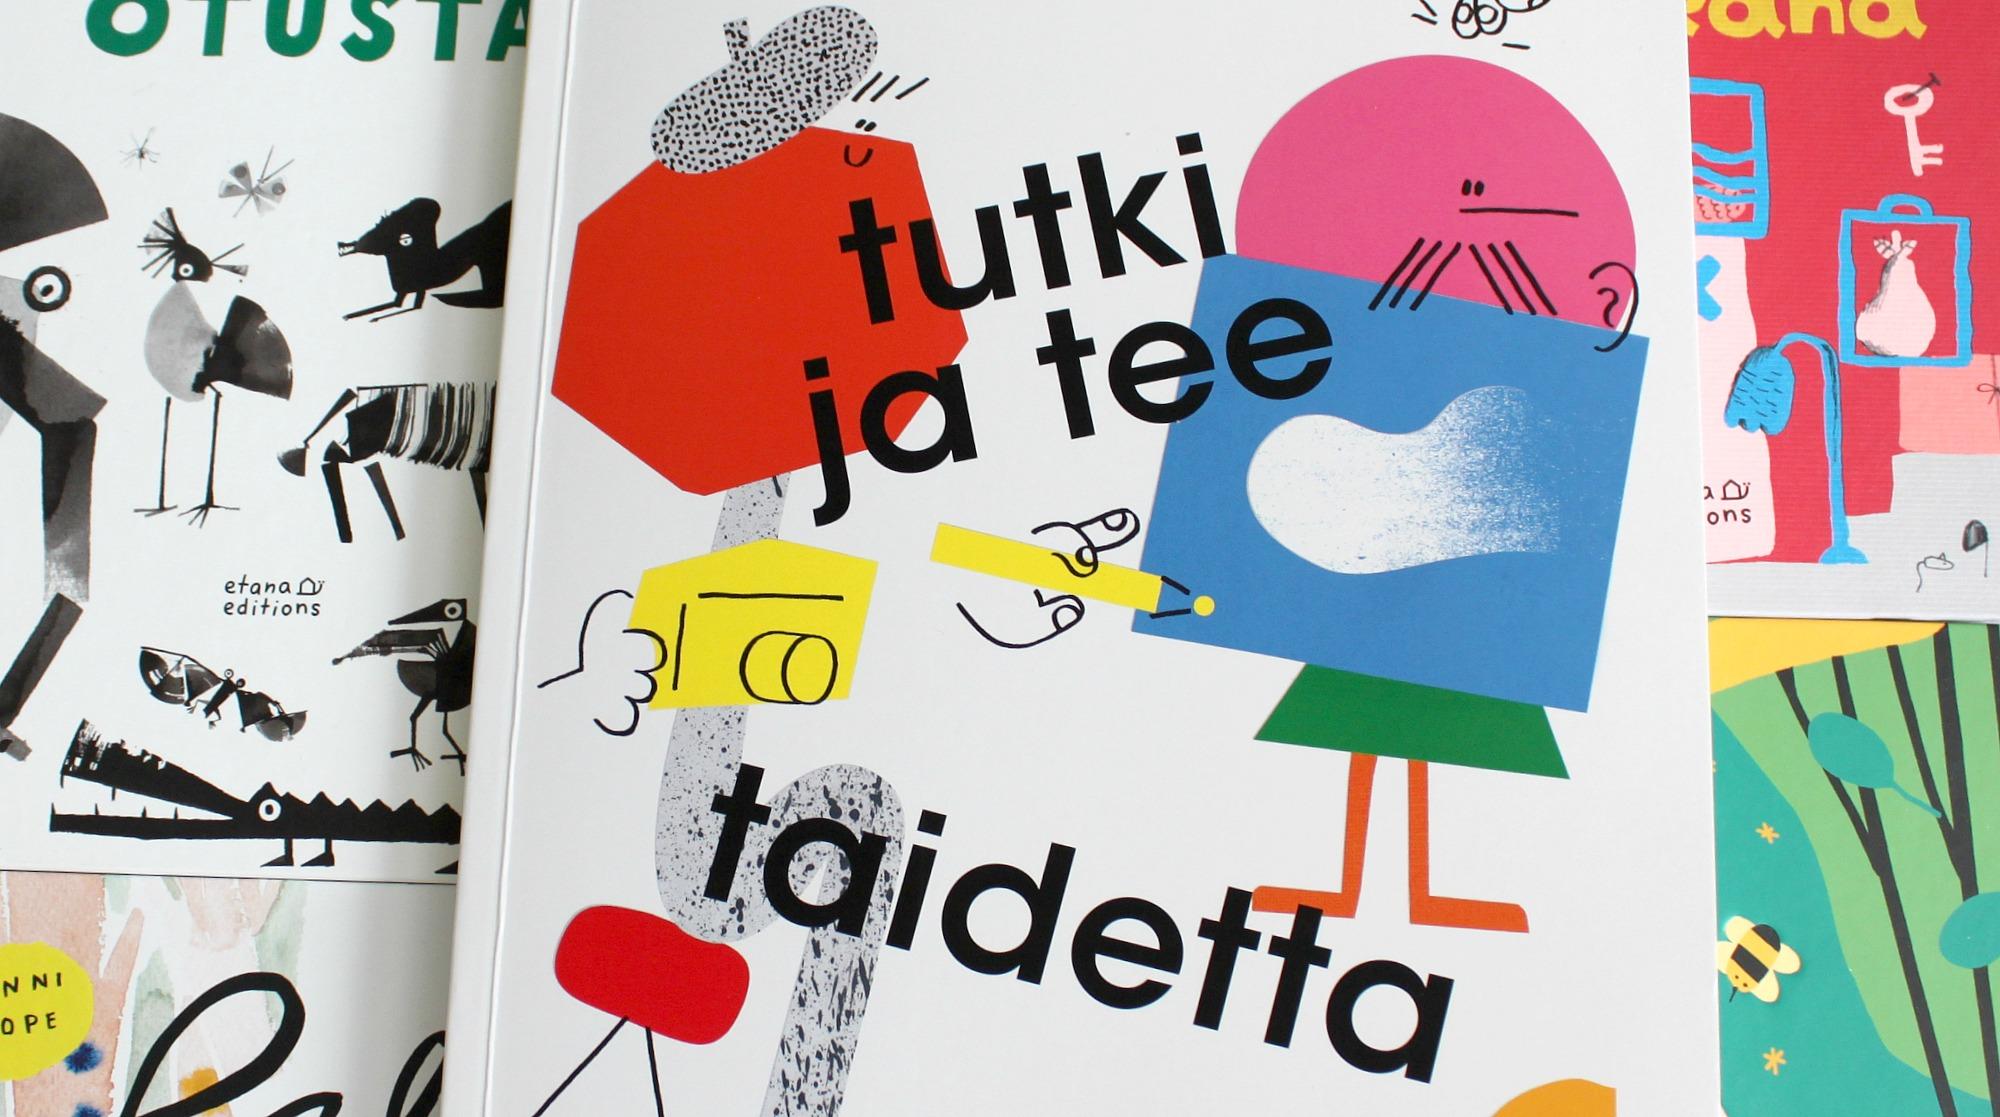 Lasten taidekirja ja suuri kirja-arvonta (eli Tutki ja tee taidetta ja Etana Editions -kirjoja)